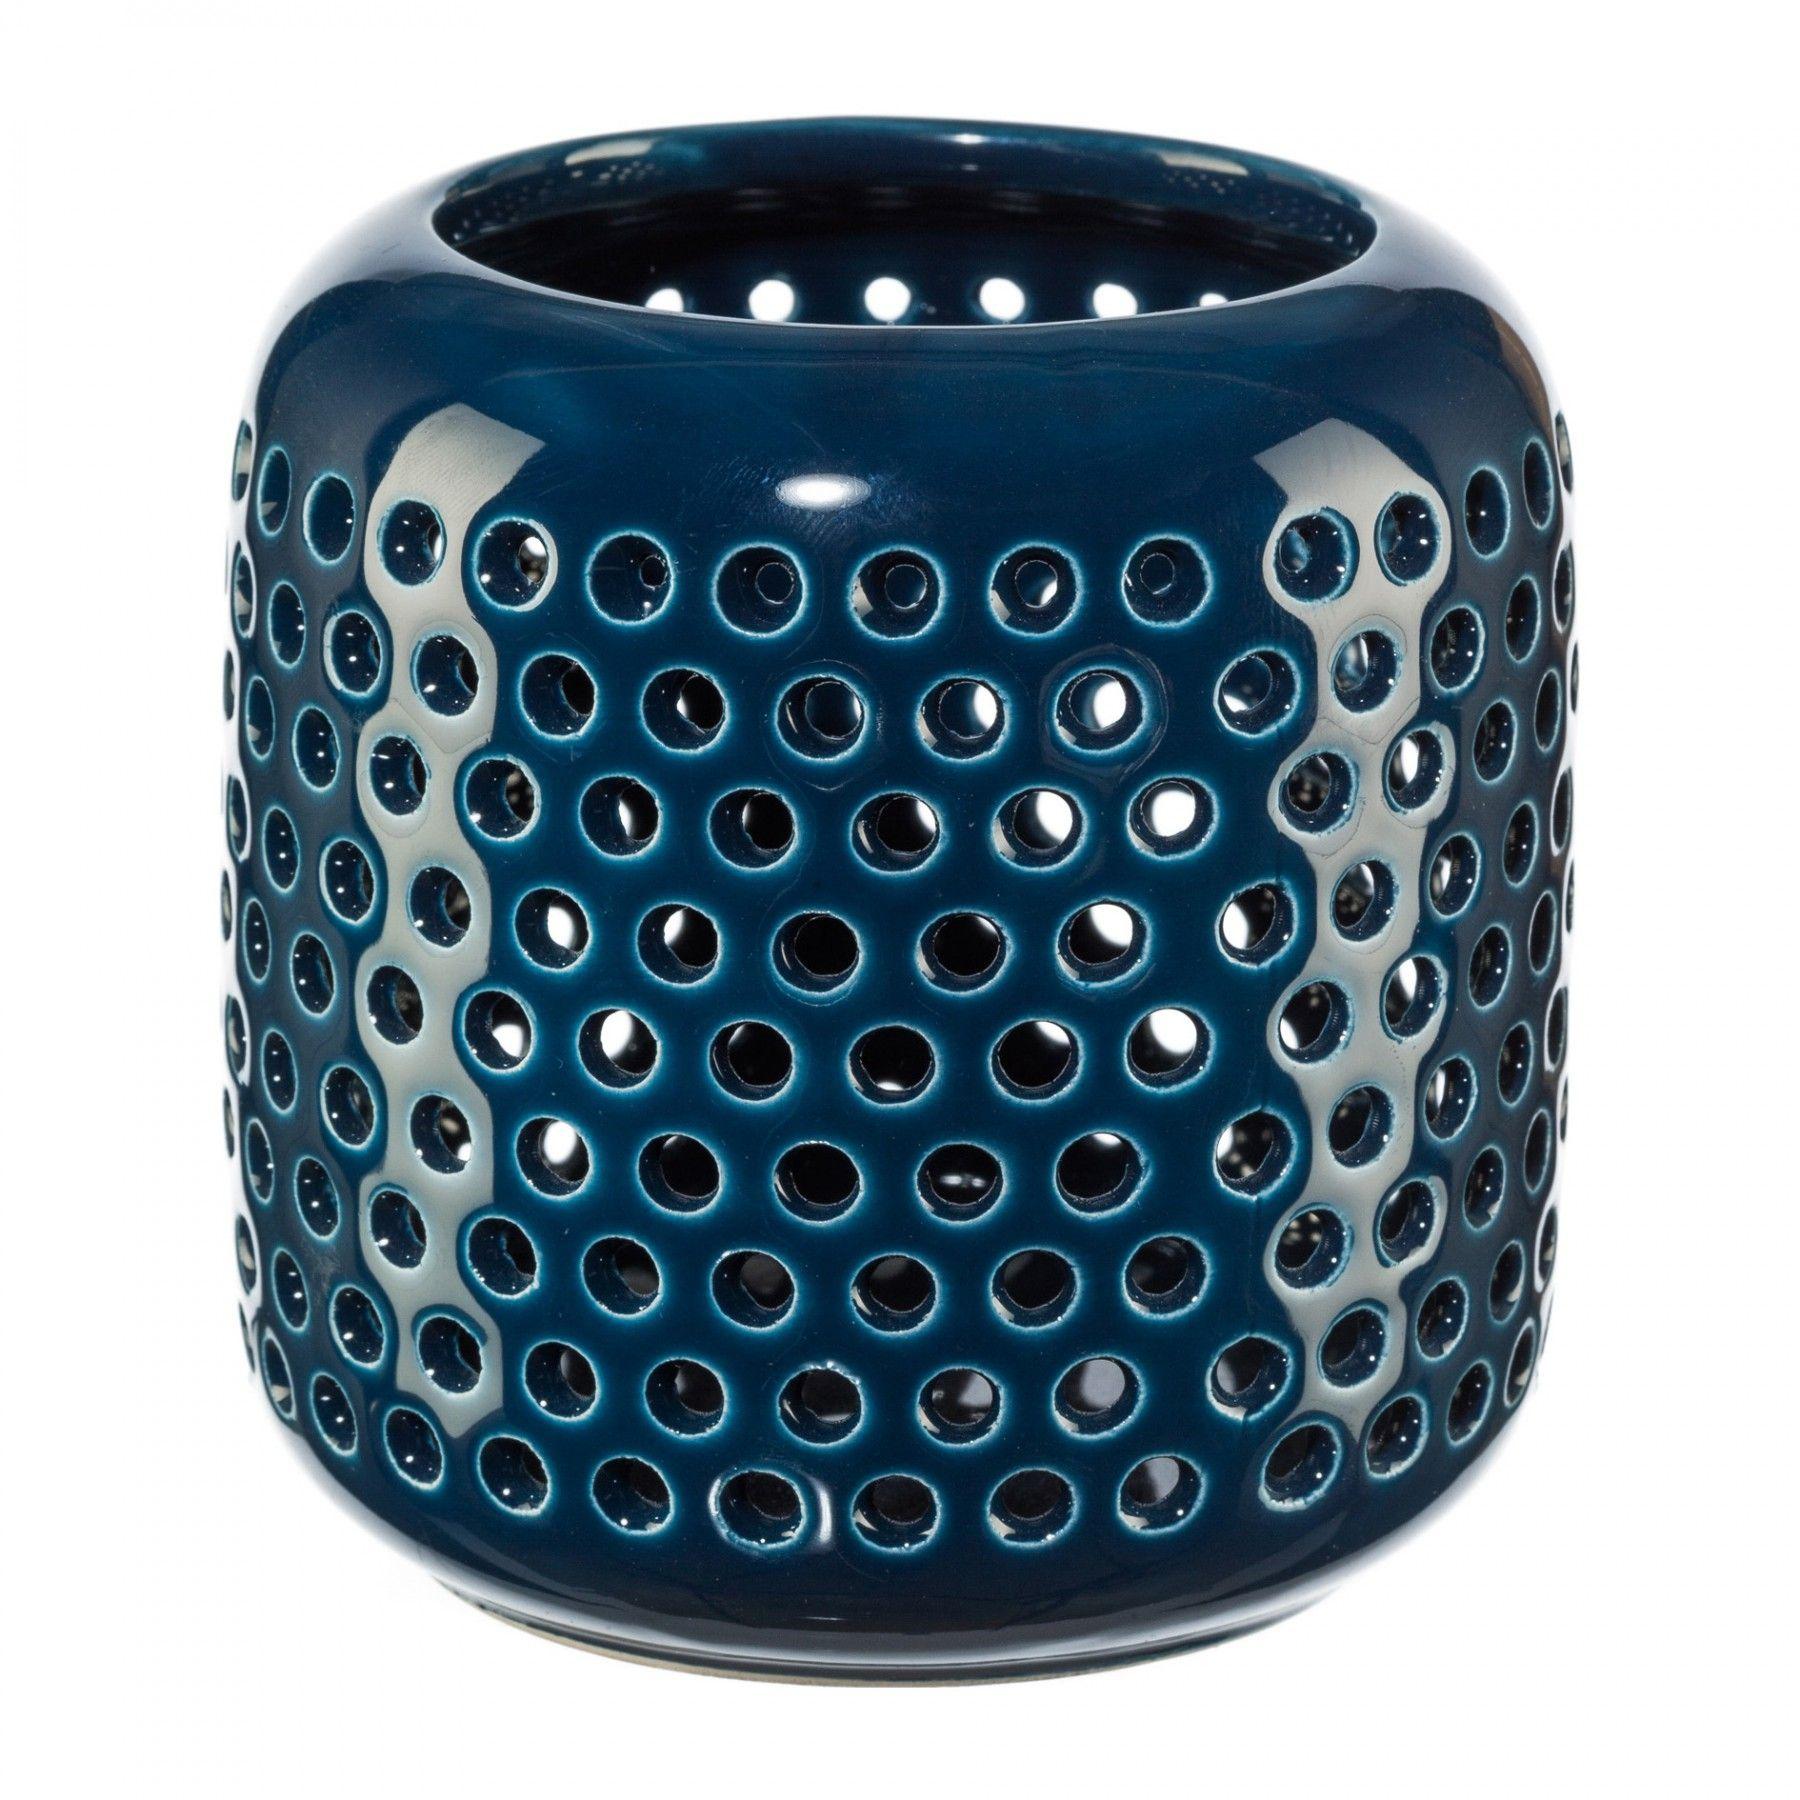 Homefinity Metall Sternschale mit Einem Teelichtglas Möbel & Wohnaccessoires